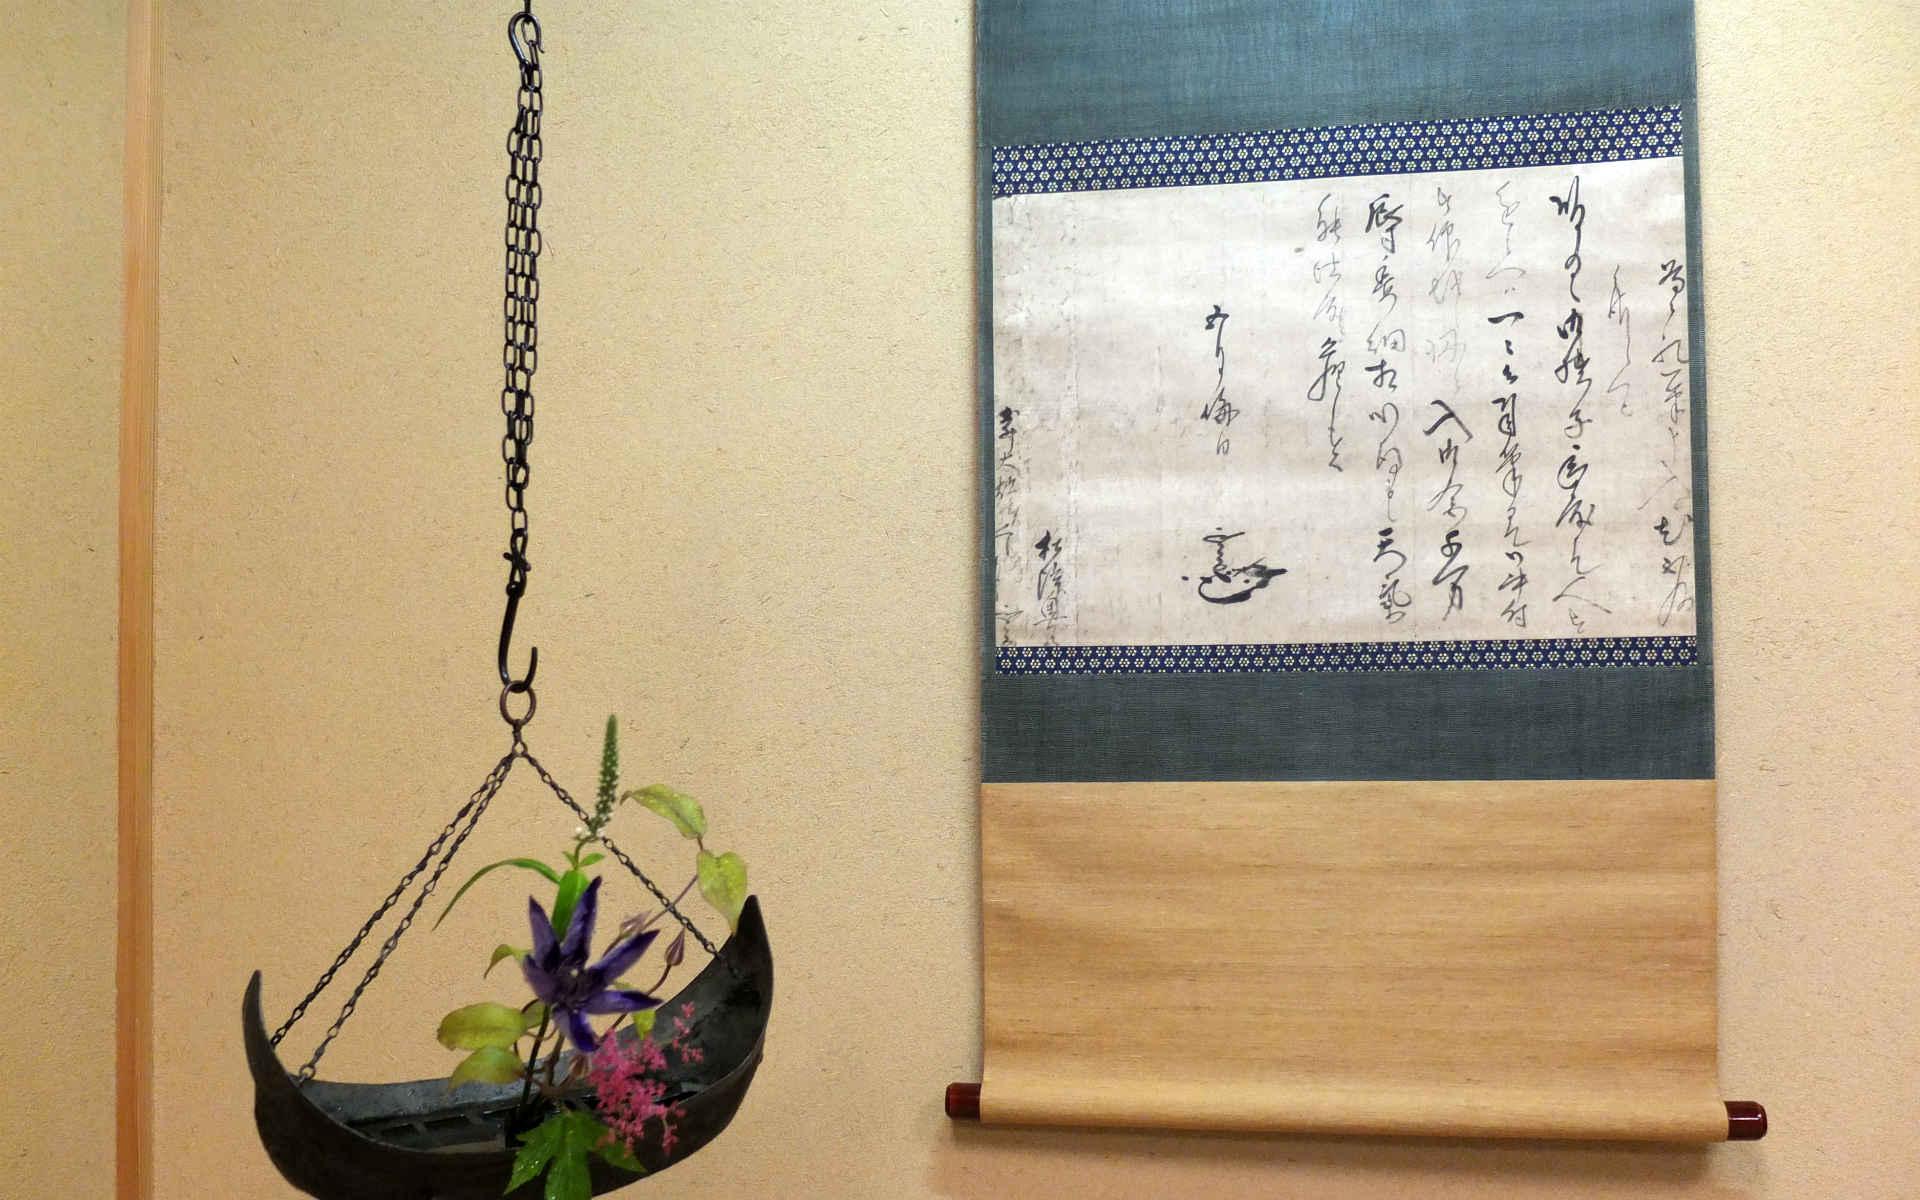 三十の手習い「茶道編」八、手紙とお辞儀の共通点